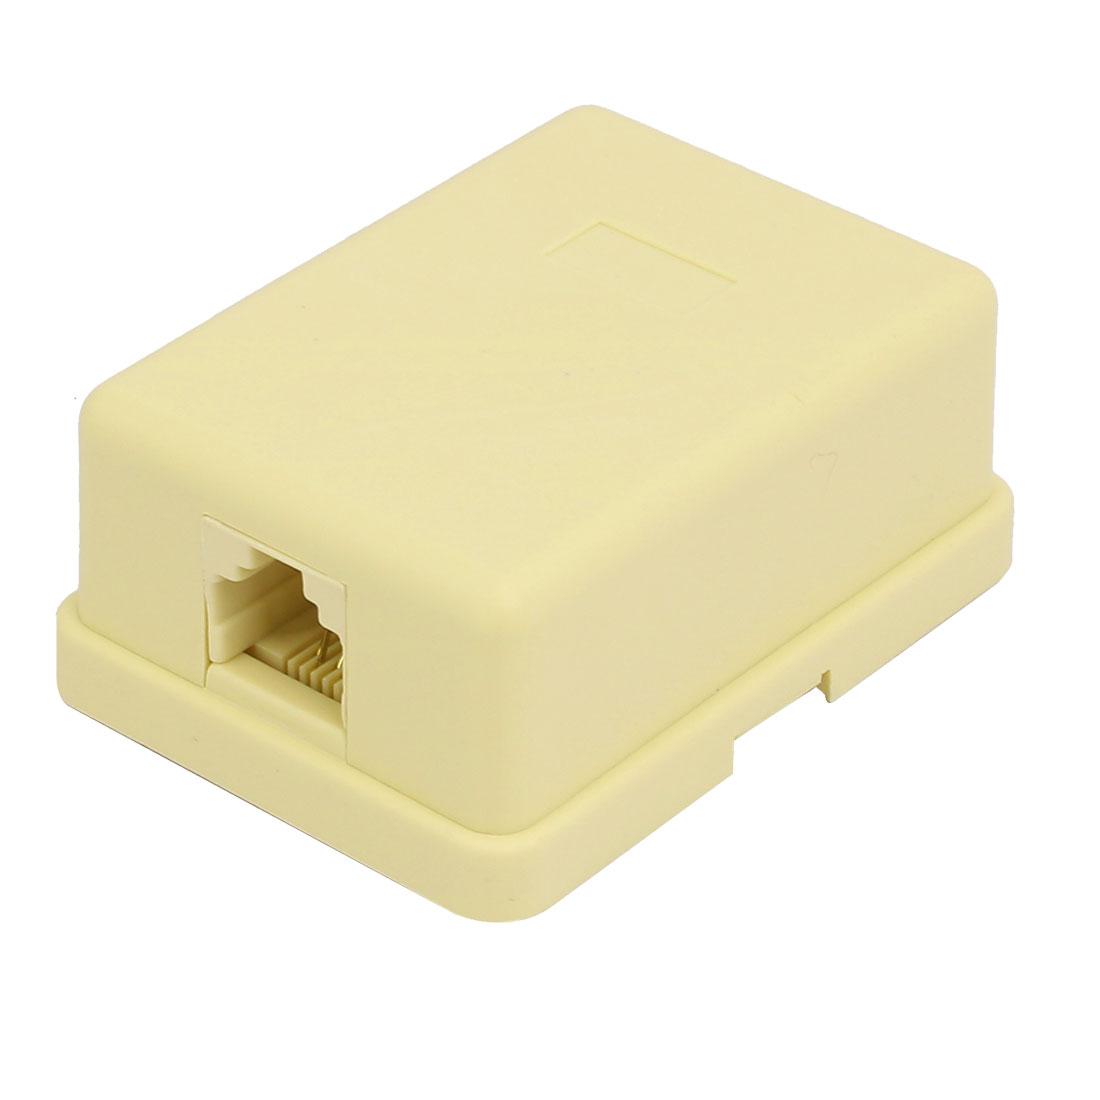 RJ11 6P4C to Female Telephone Modular Splitter Joiner Surface Mount Phone Jack